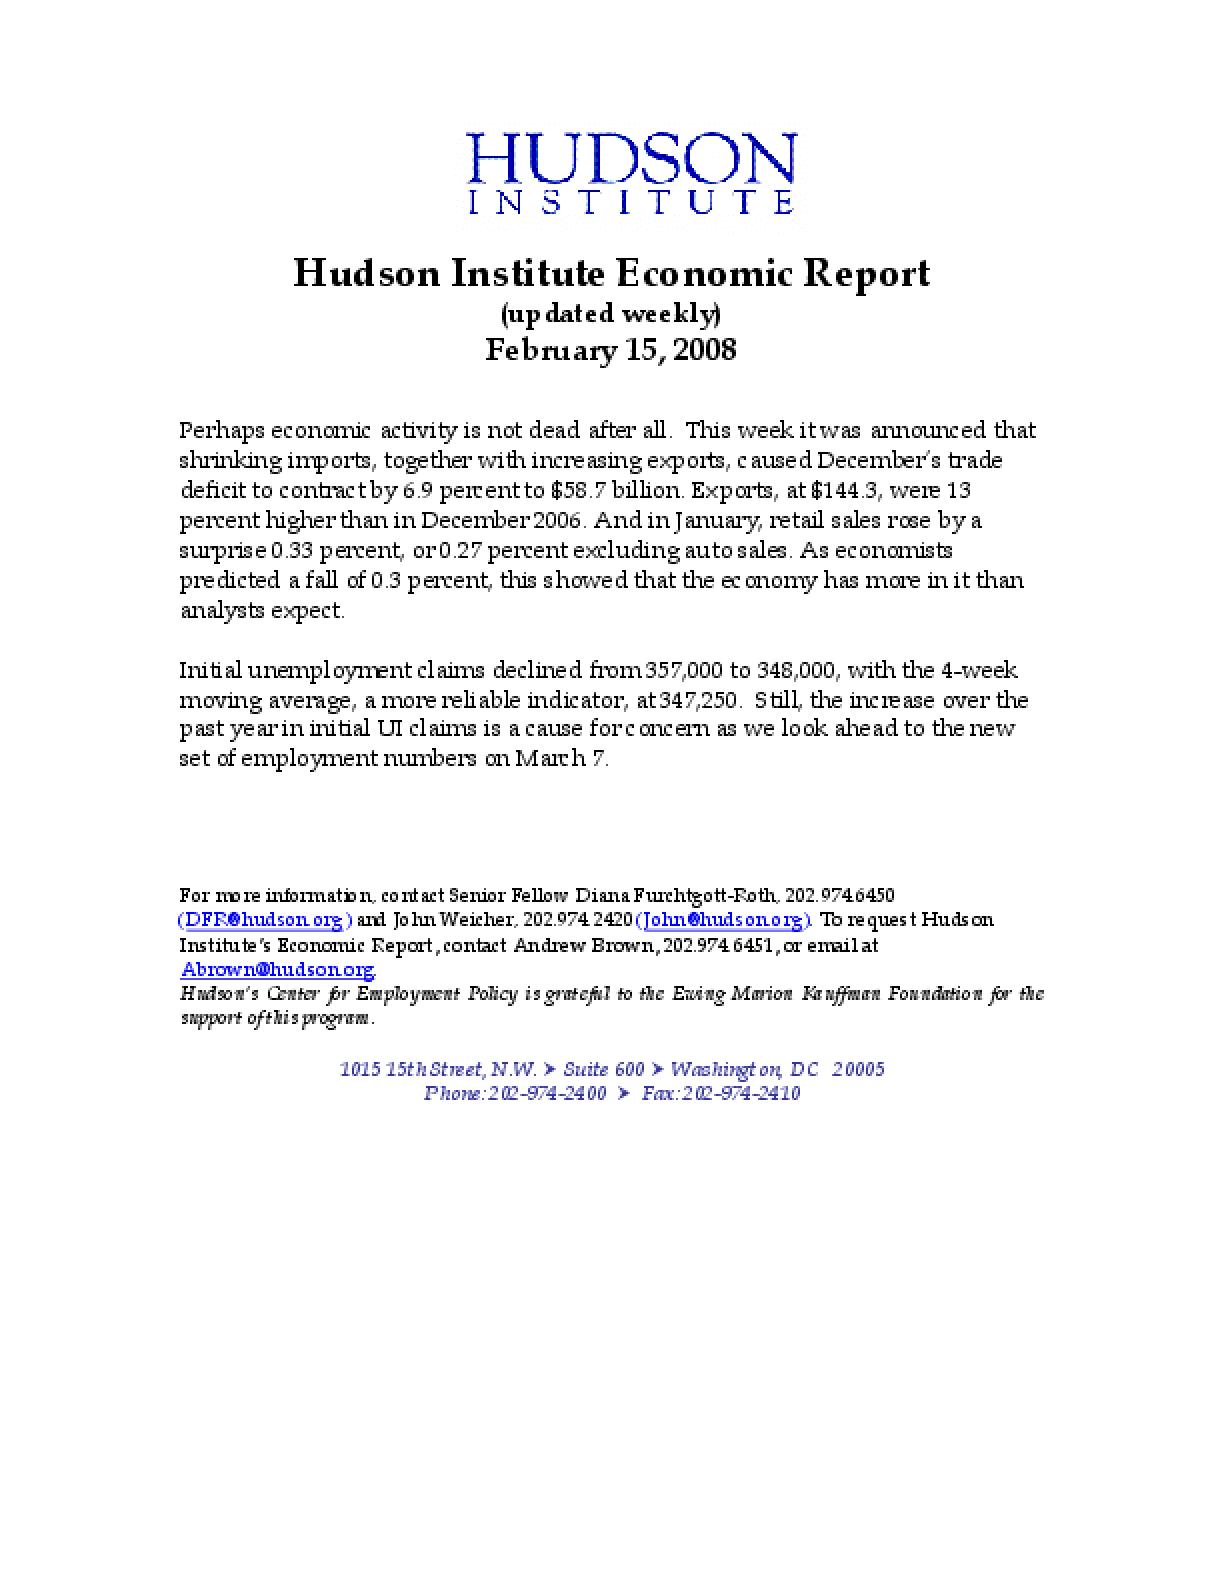 Hudson Institute Economic Report 02-15-2008